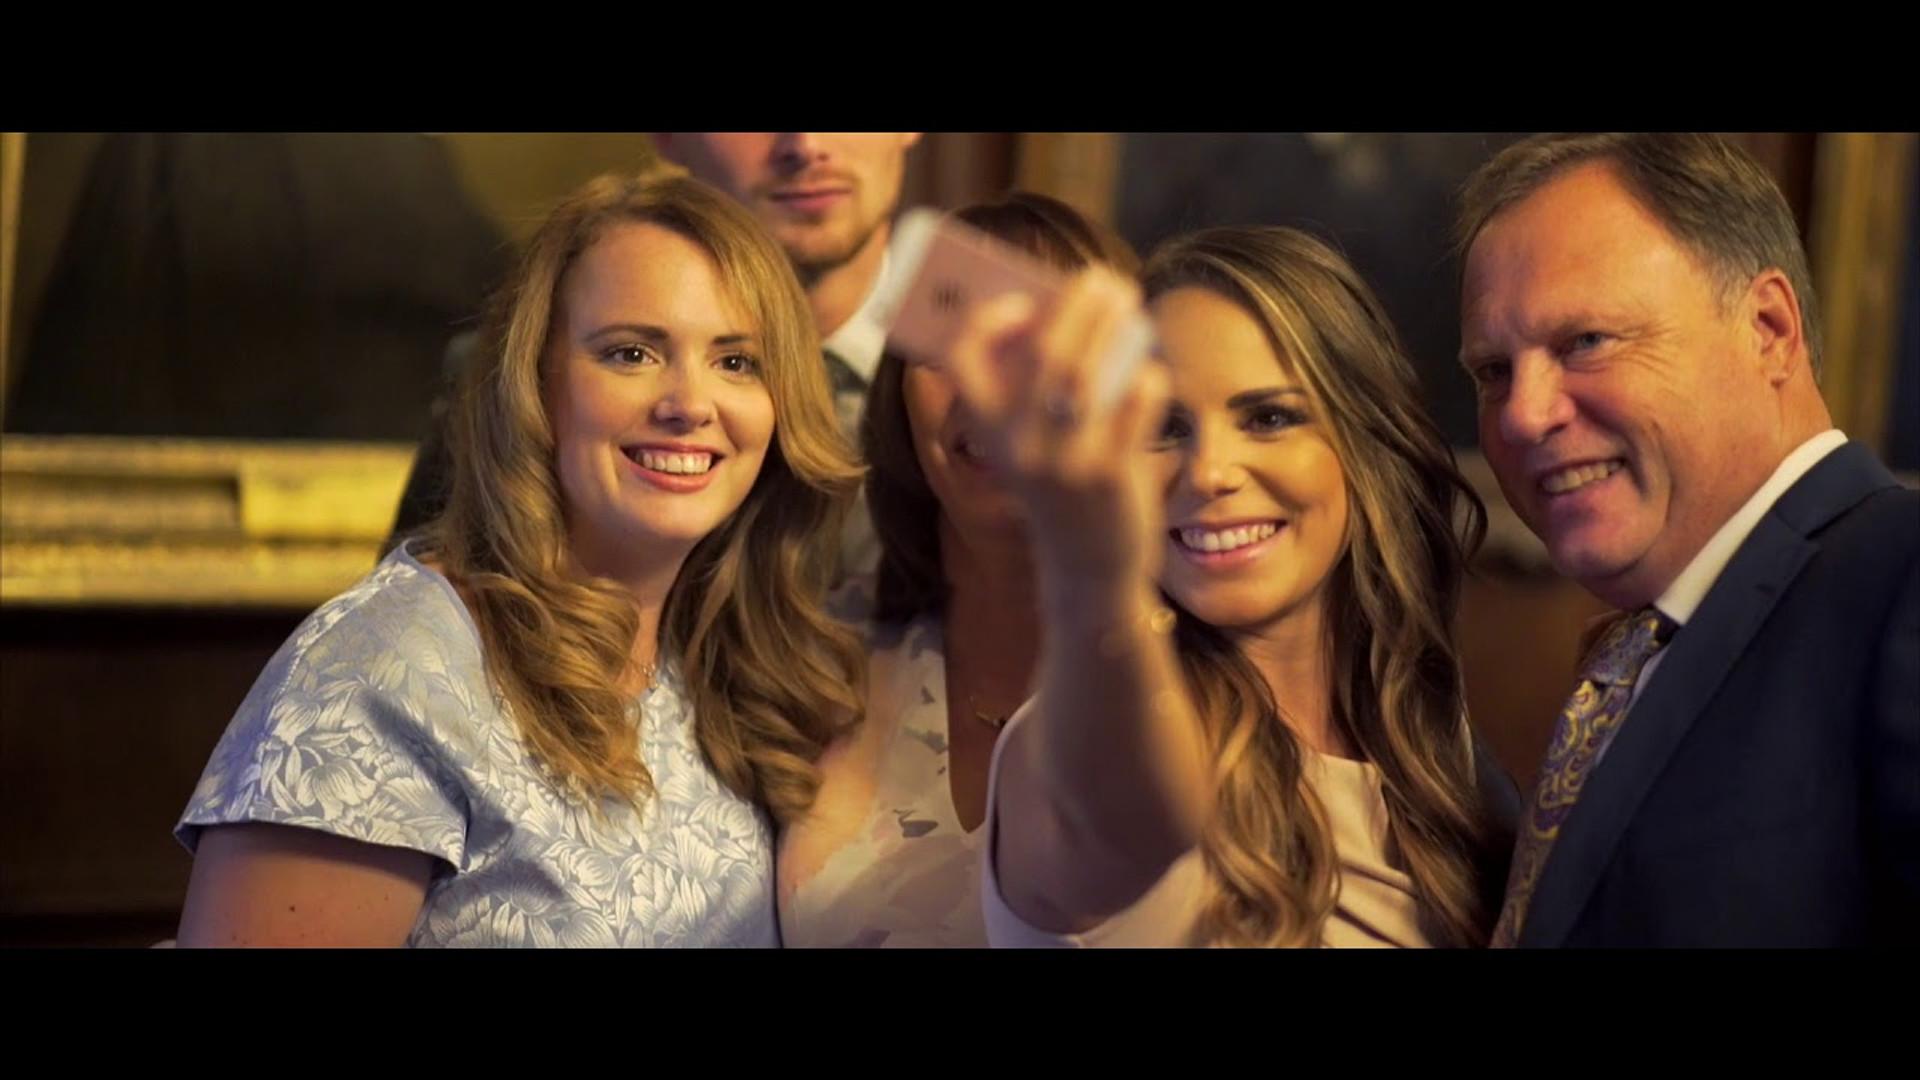 Jake & Naomi Trailer